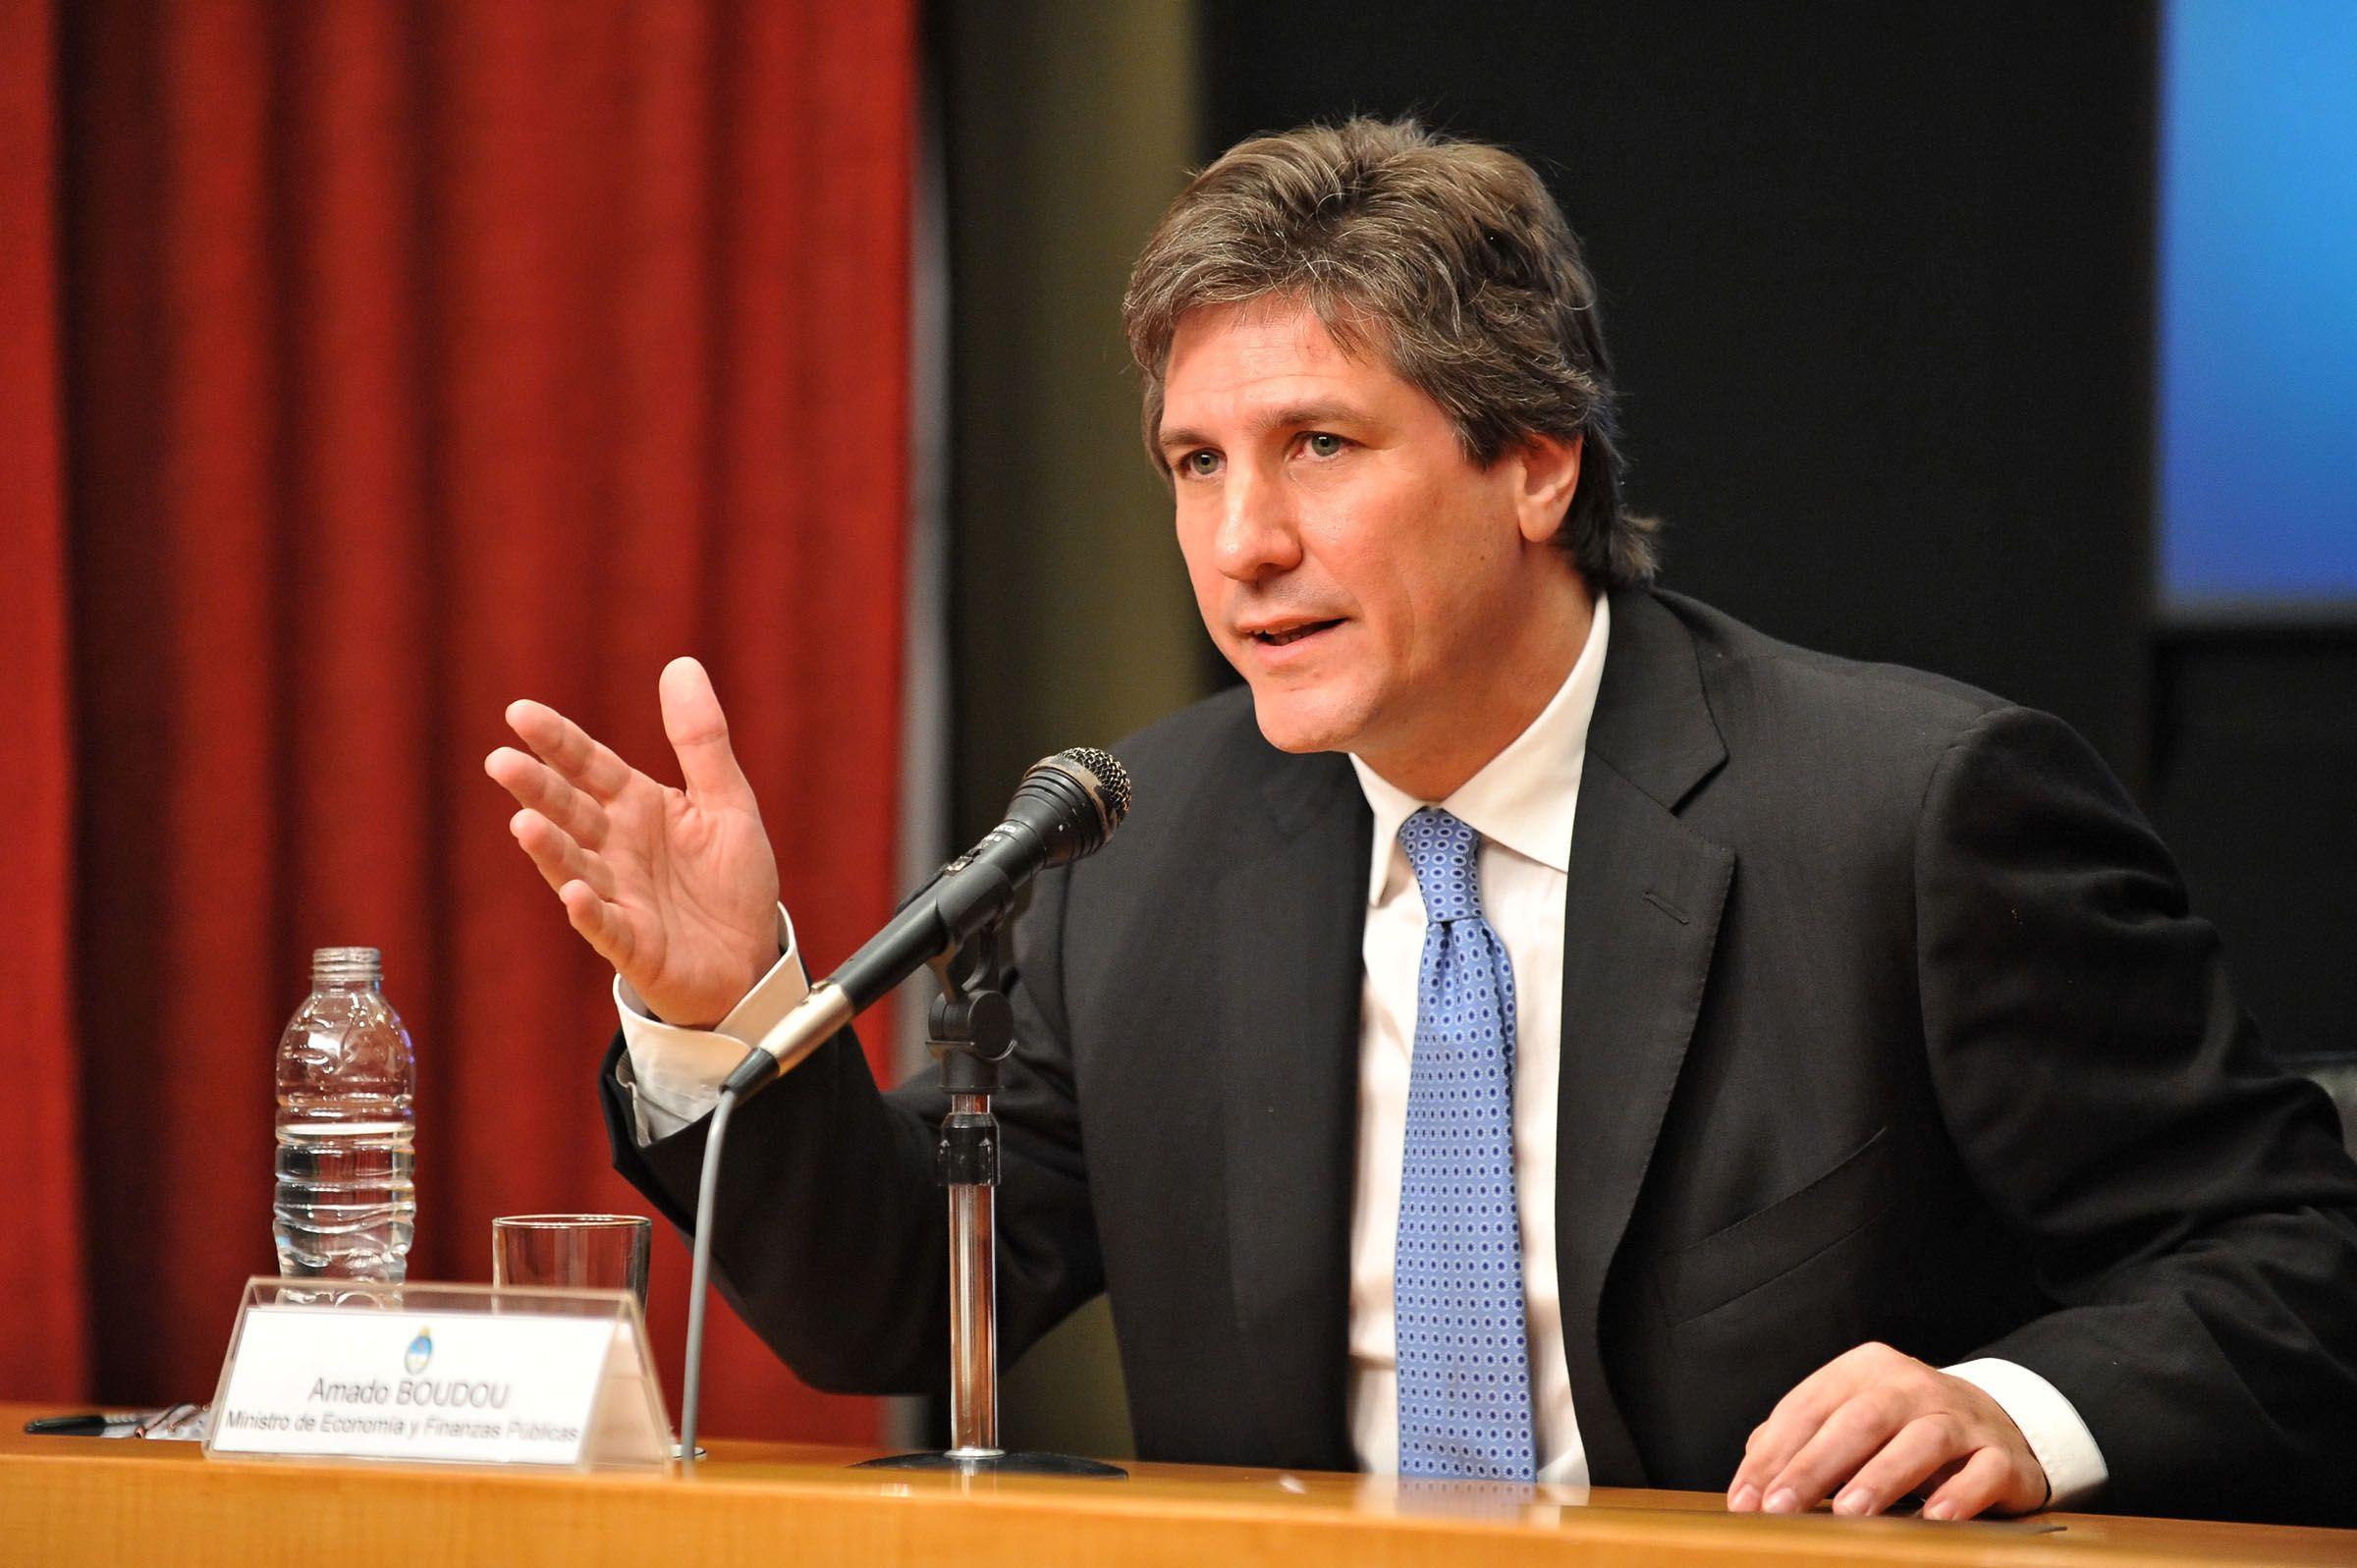 El vicepresidente Amado Boudou dijo que confía en que la Justicia va desentrañar que sucedió con el deceso de Alberto Nisman.